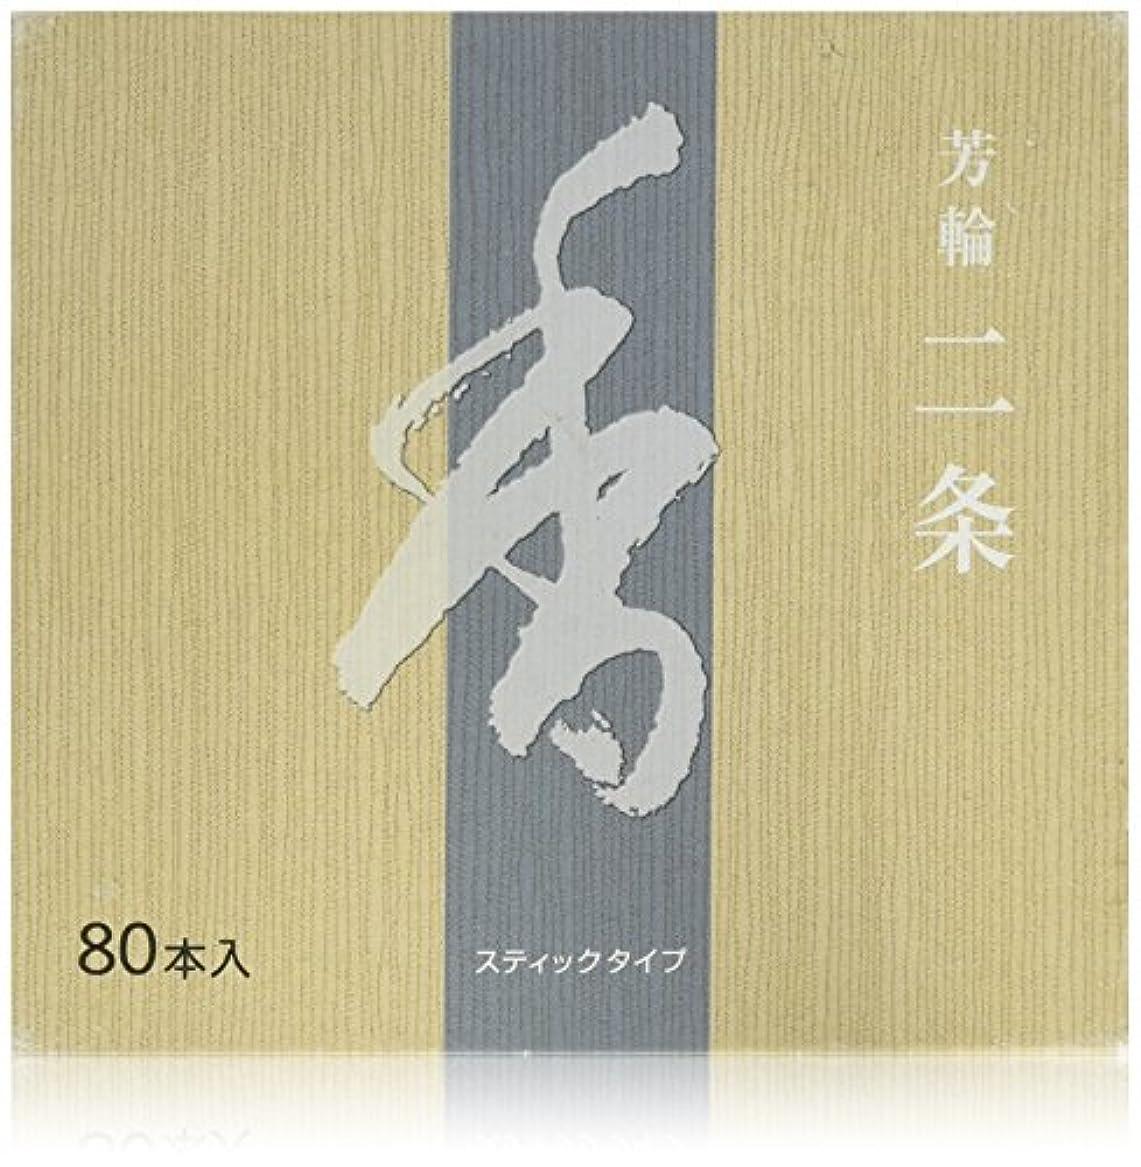 リブ貴重な電化する松栄堂のお香 芳輪二条 ST徳用80本入 簡易香立付 #210124